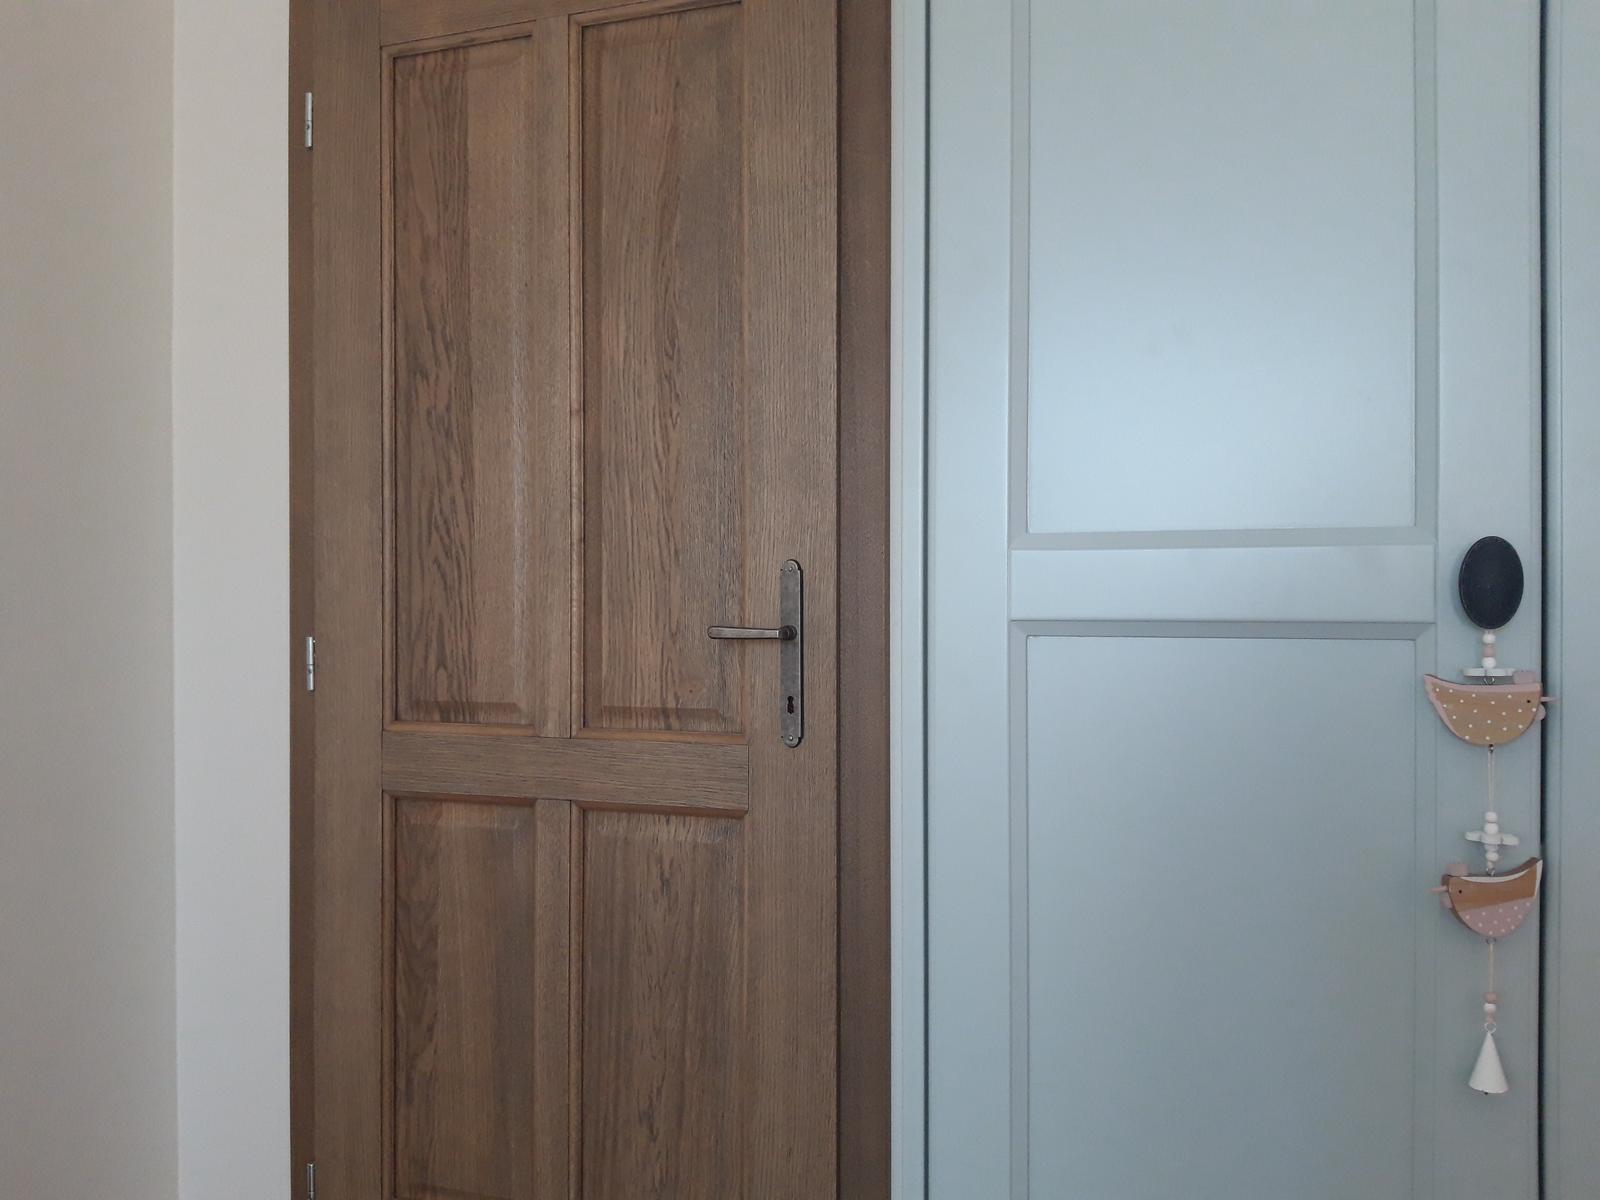 U nás doma  🏠 🌼 🌞👫👭👶 - Detail detská izba <3 dvere <3 skriňa <3